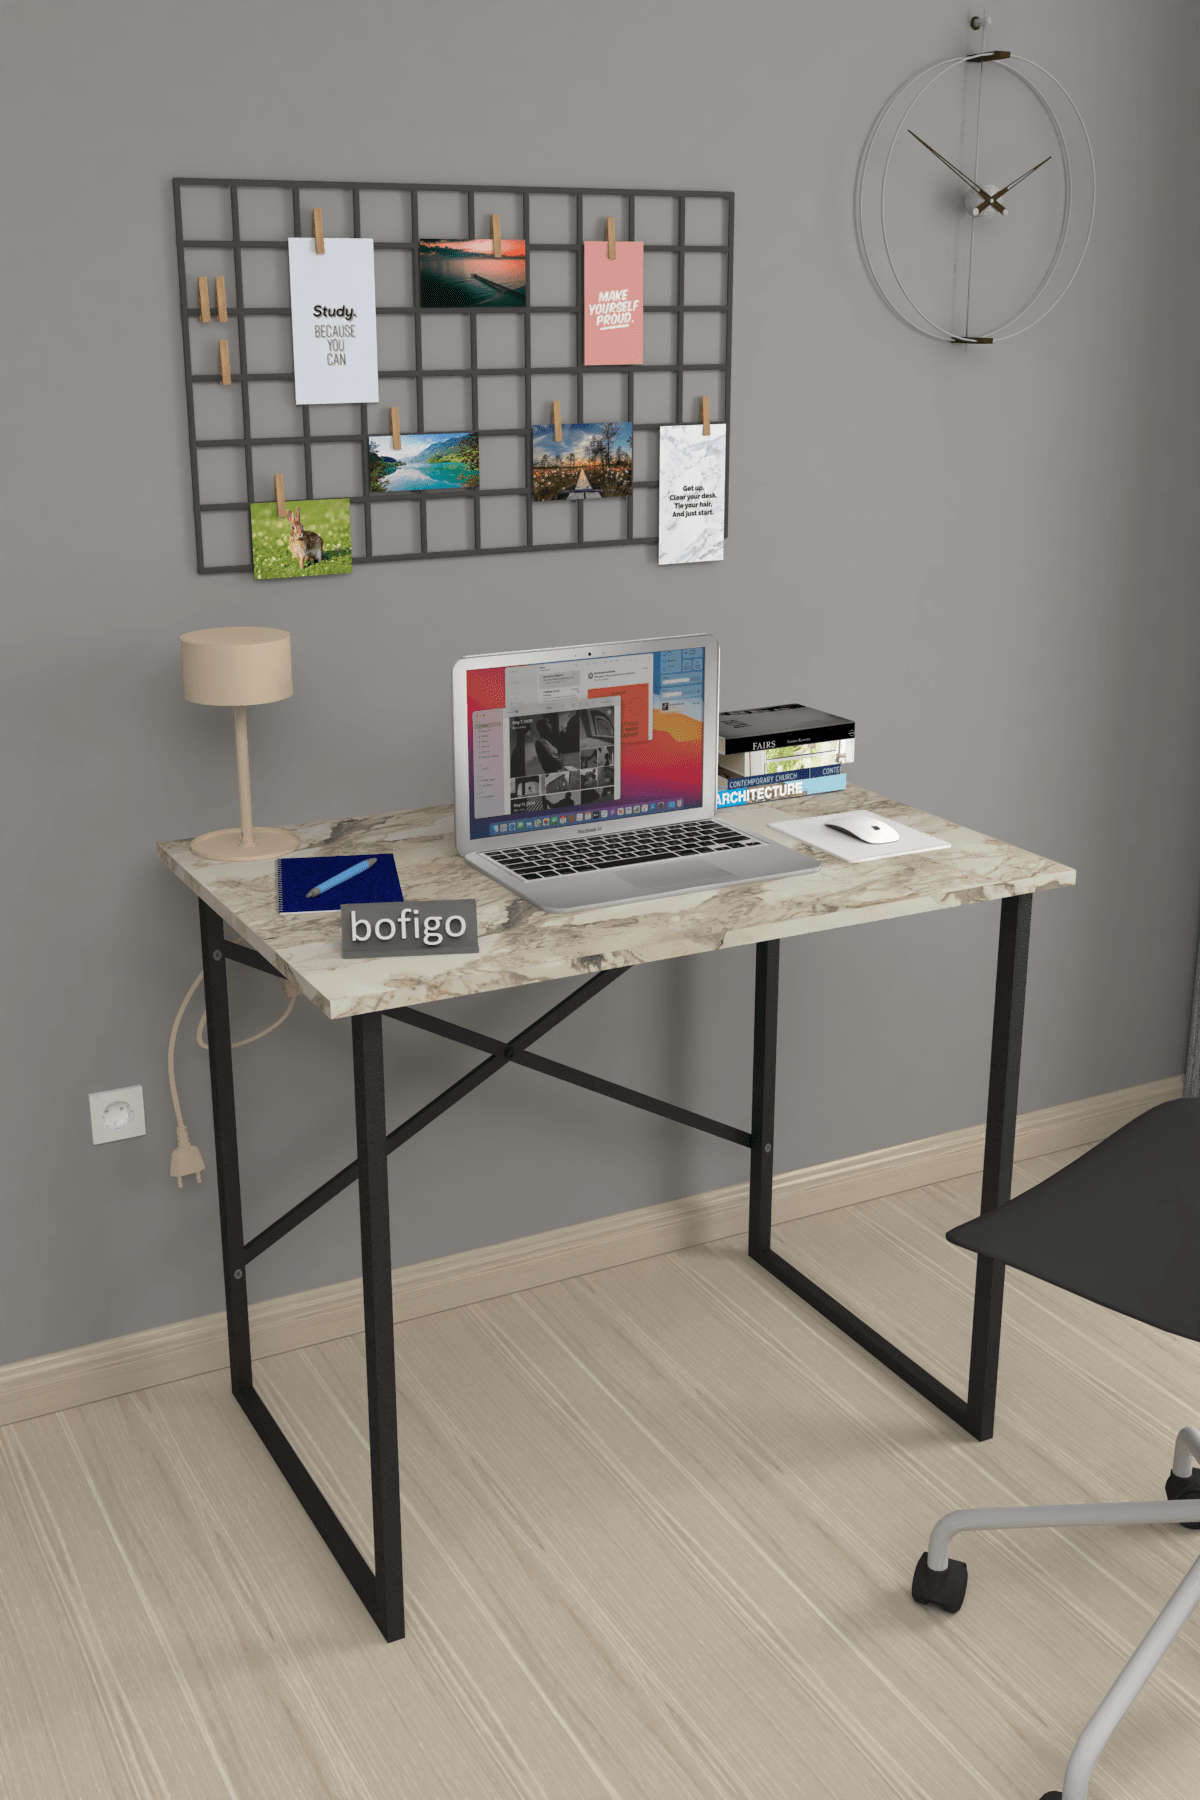 Bofigo 60x90 cm Çalışma Masası Laptop Bilgisayar Masası Ofis Ders Yemek Cocuk Masası Efes 0